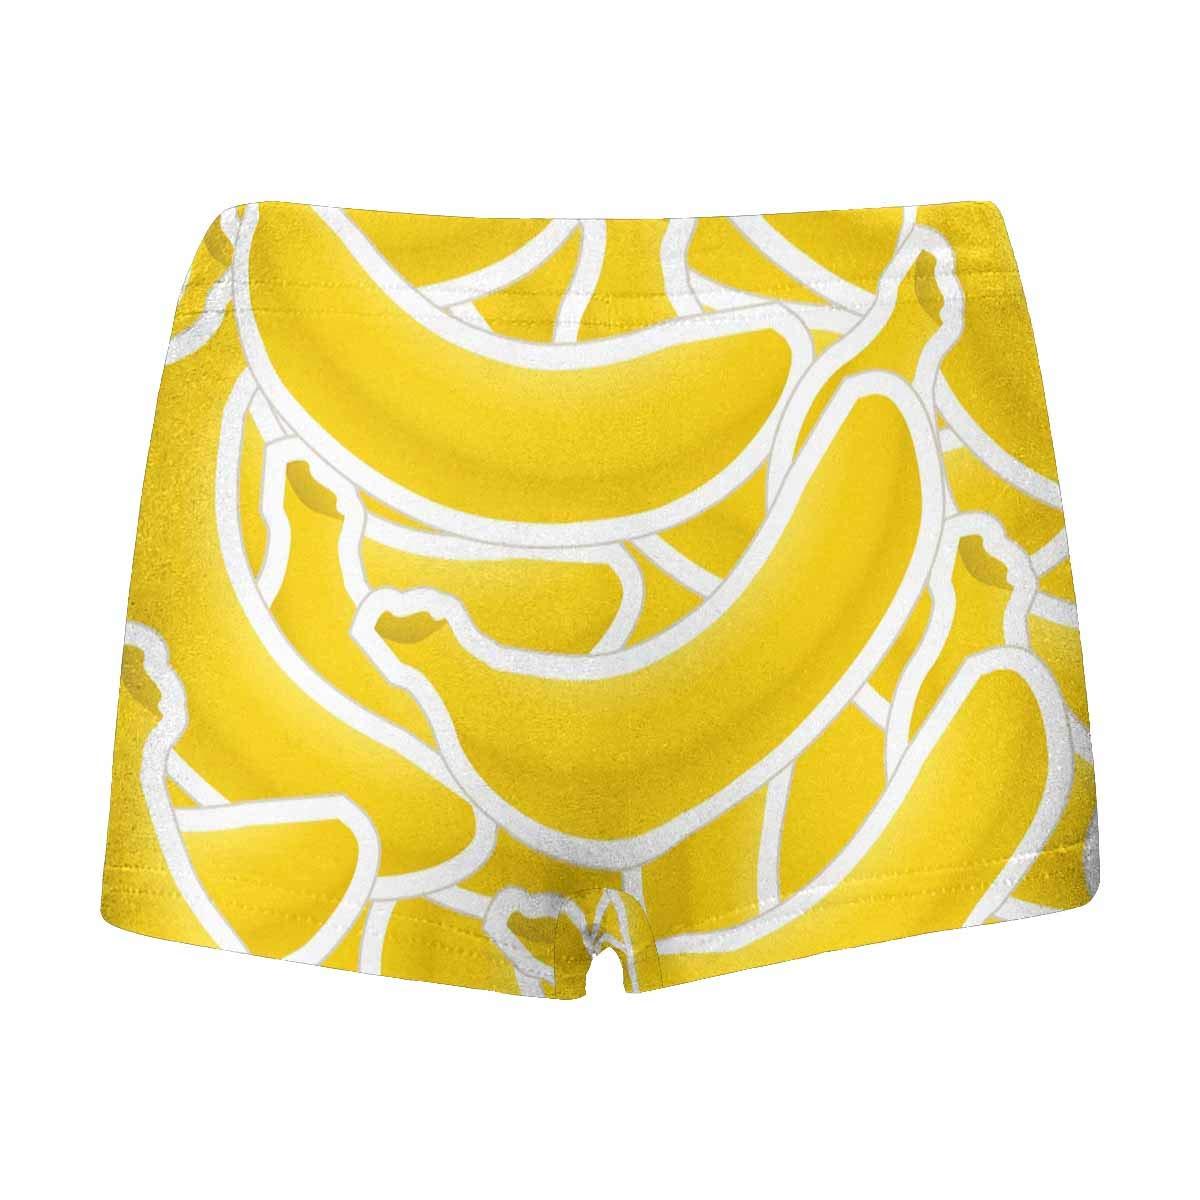 INTERESTPRINT Kids Banana ComfortSoft Printed Boxer Briefs 5T-2XL